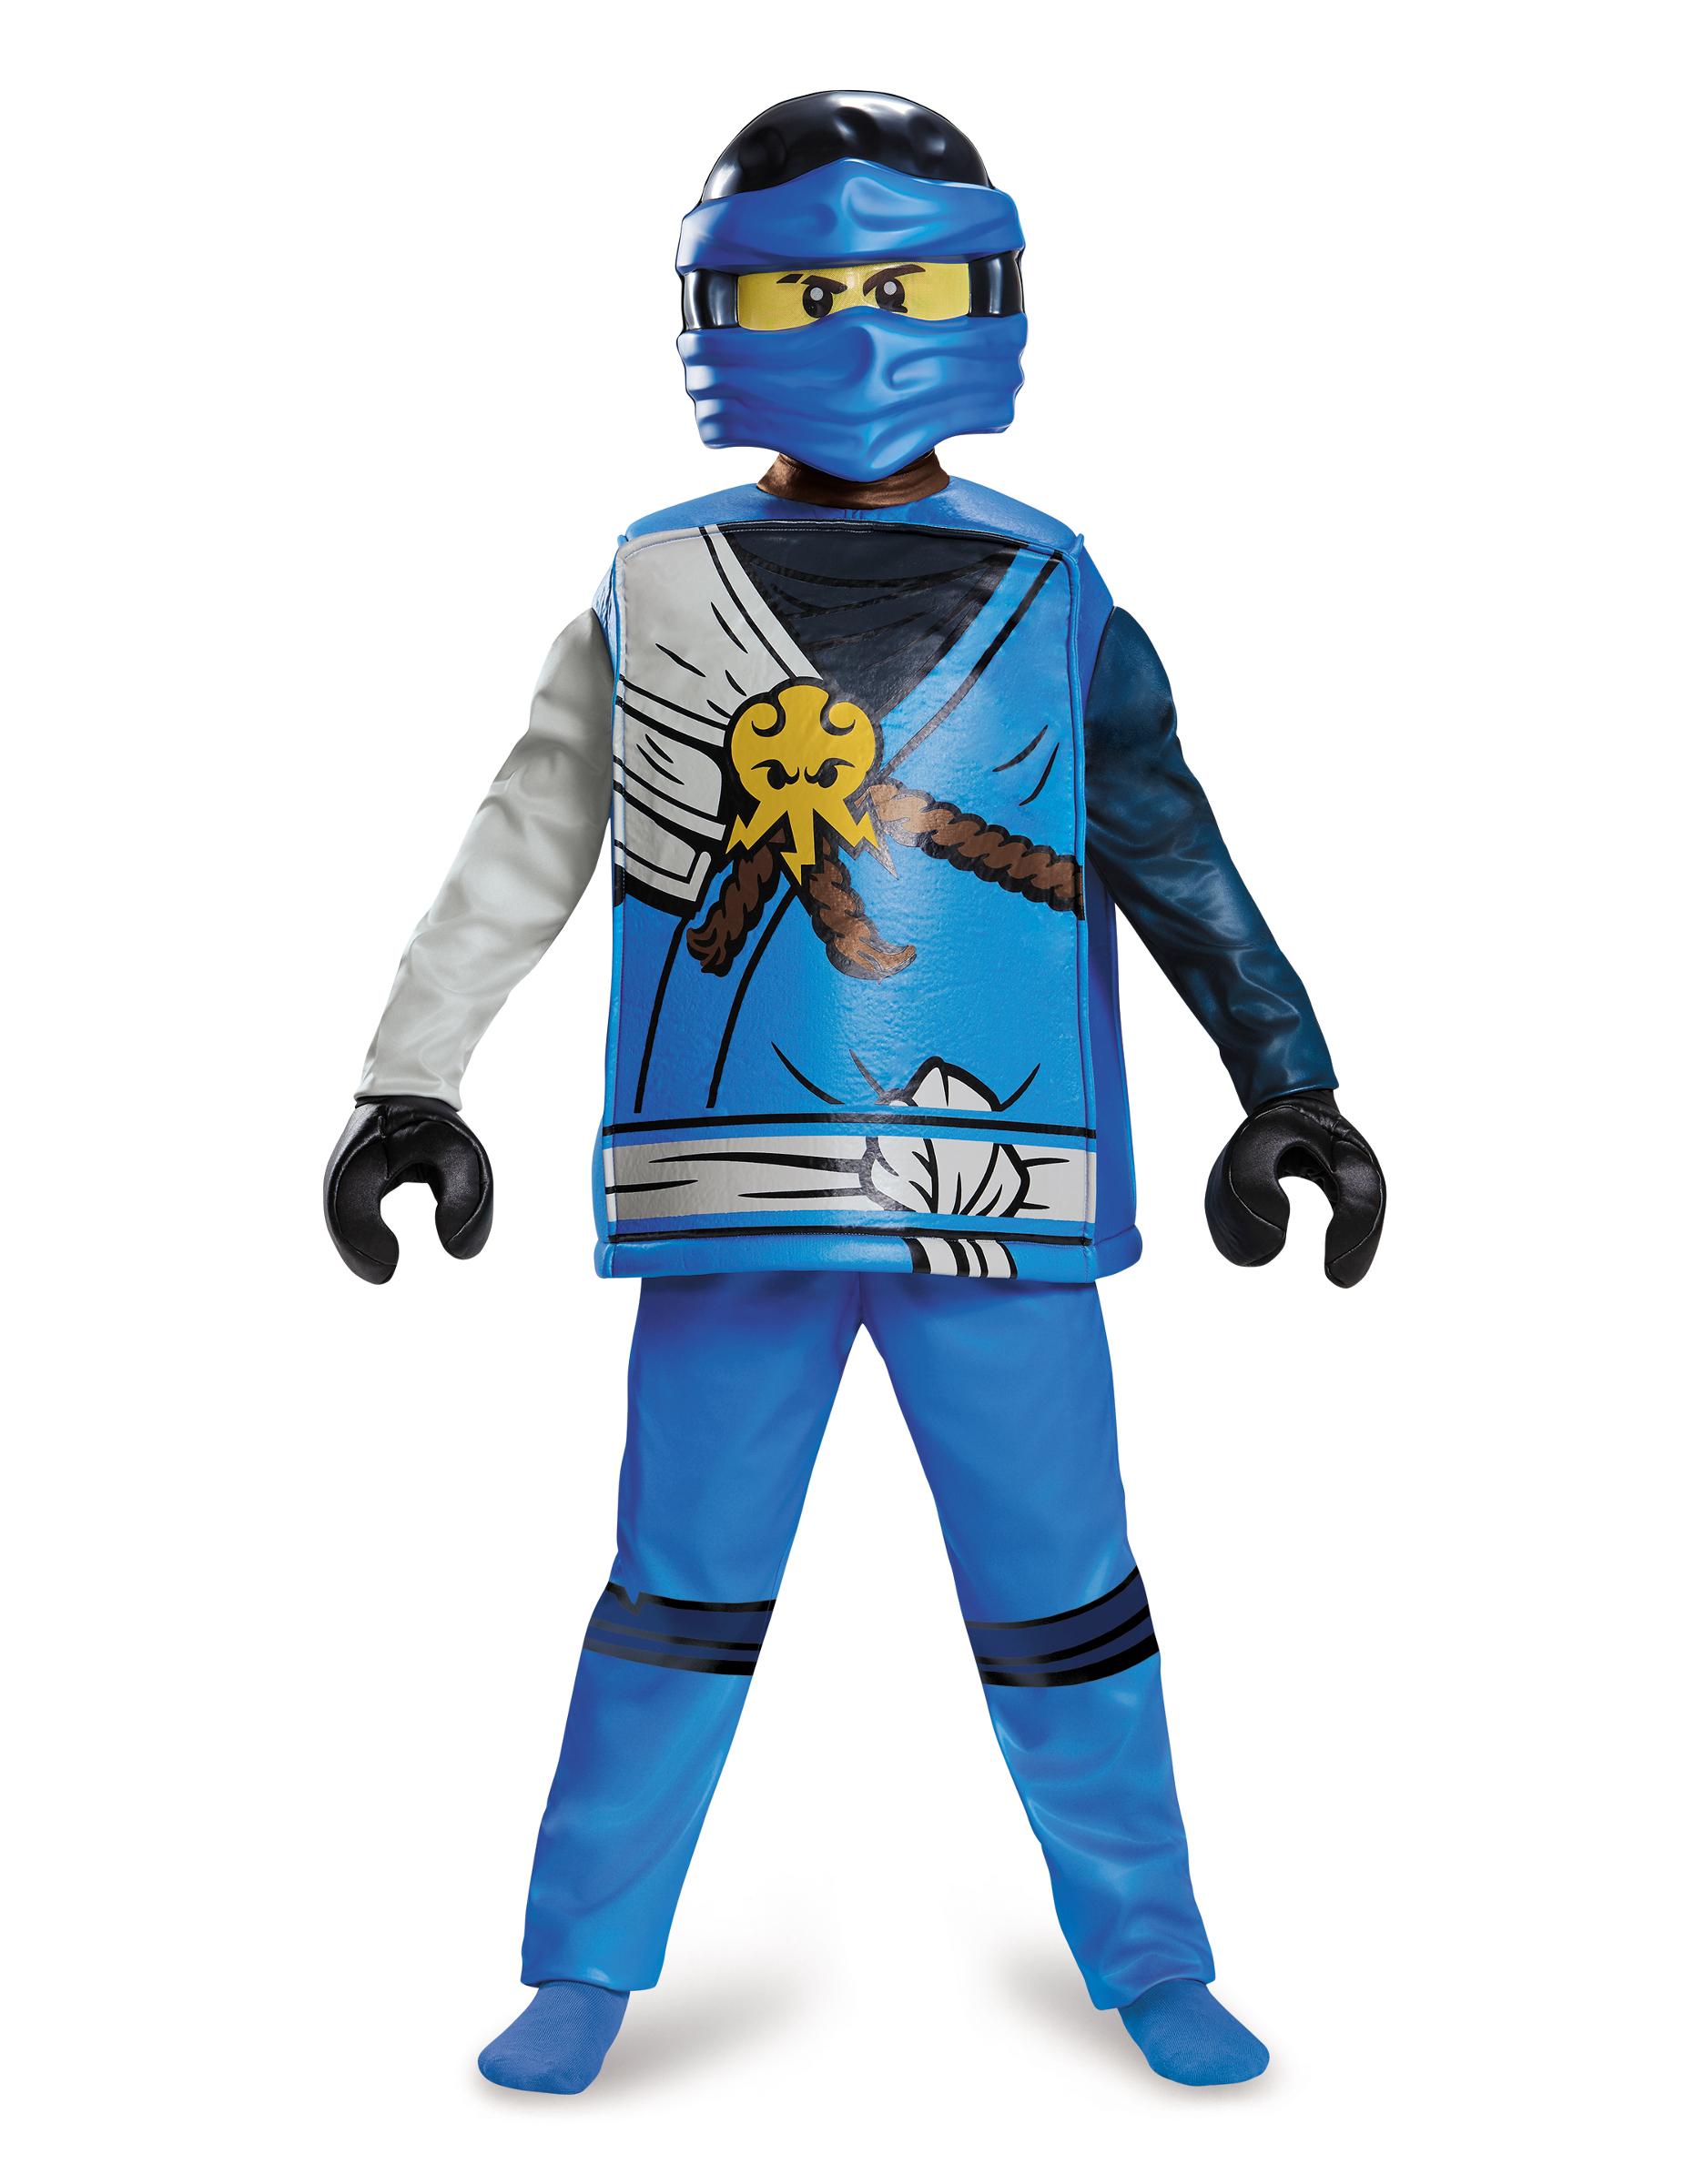 D guisement deluxe jay ninjago lego enfant achat de d guisements enfants sur vegaoopro - Deguisement tete de lego ...